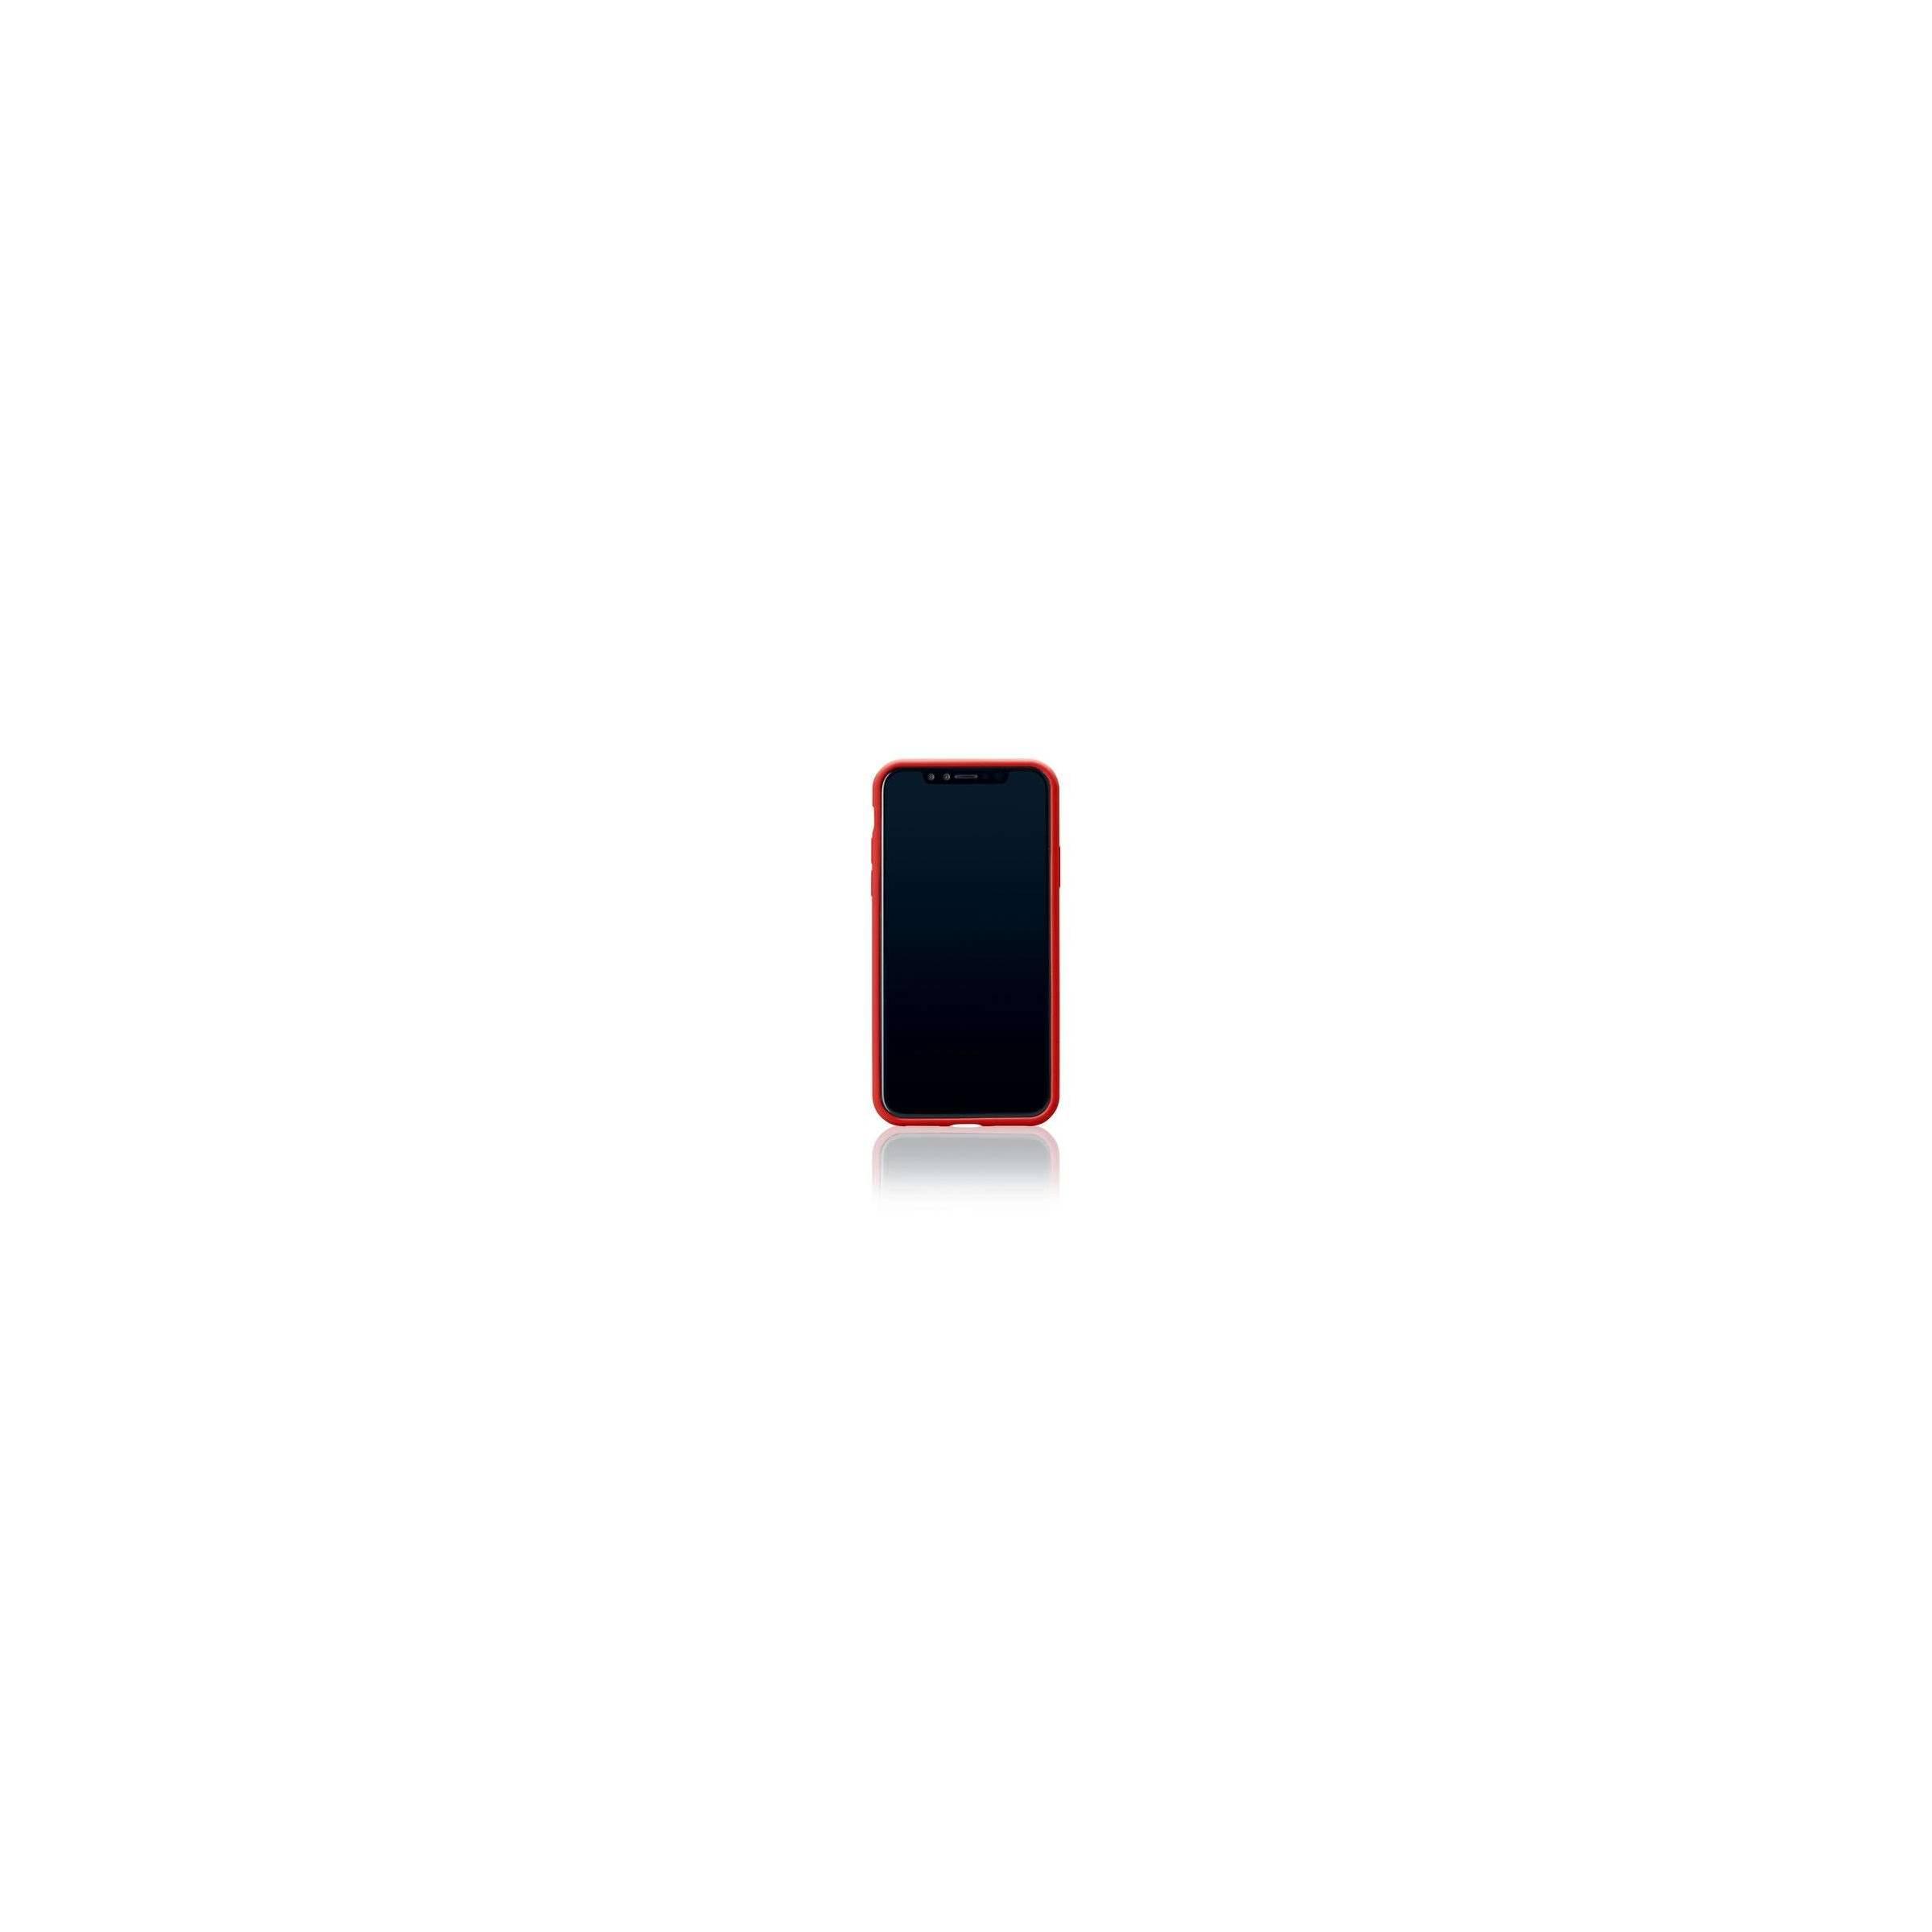 Bilde av Aiino Strongly Premium Cover Til Iphone X / Xs, Farve Rød